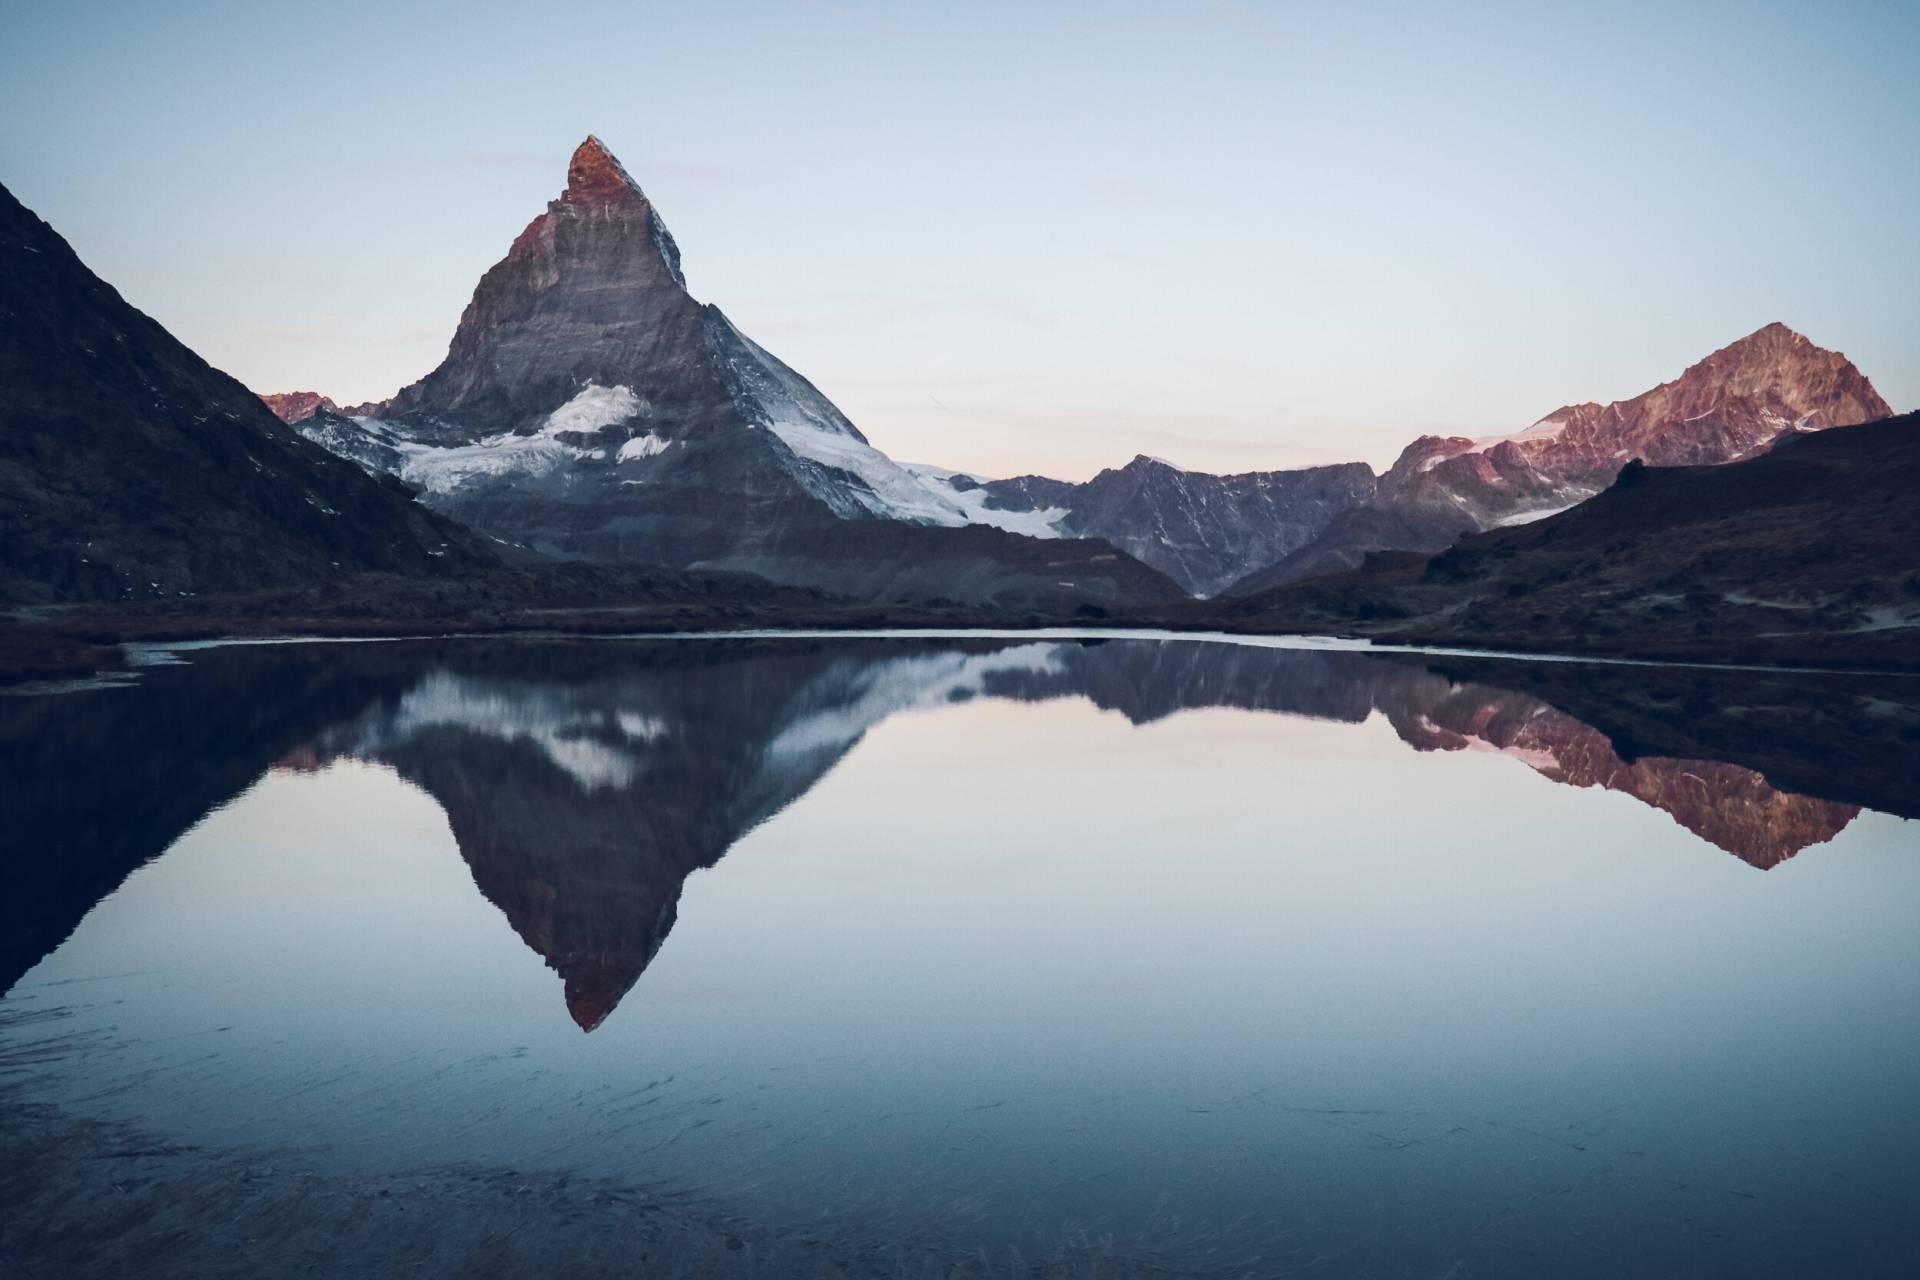 Sonnenaufgang am Riffelsee mit Matterhorn oberhalb Zermatt, Schweiz